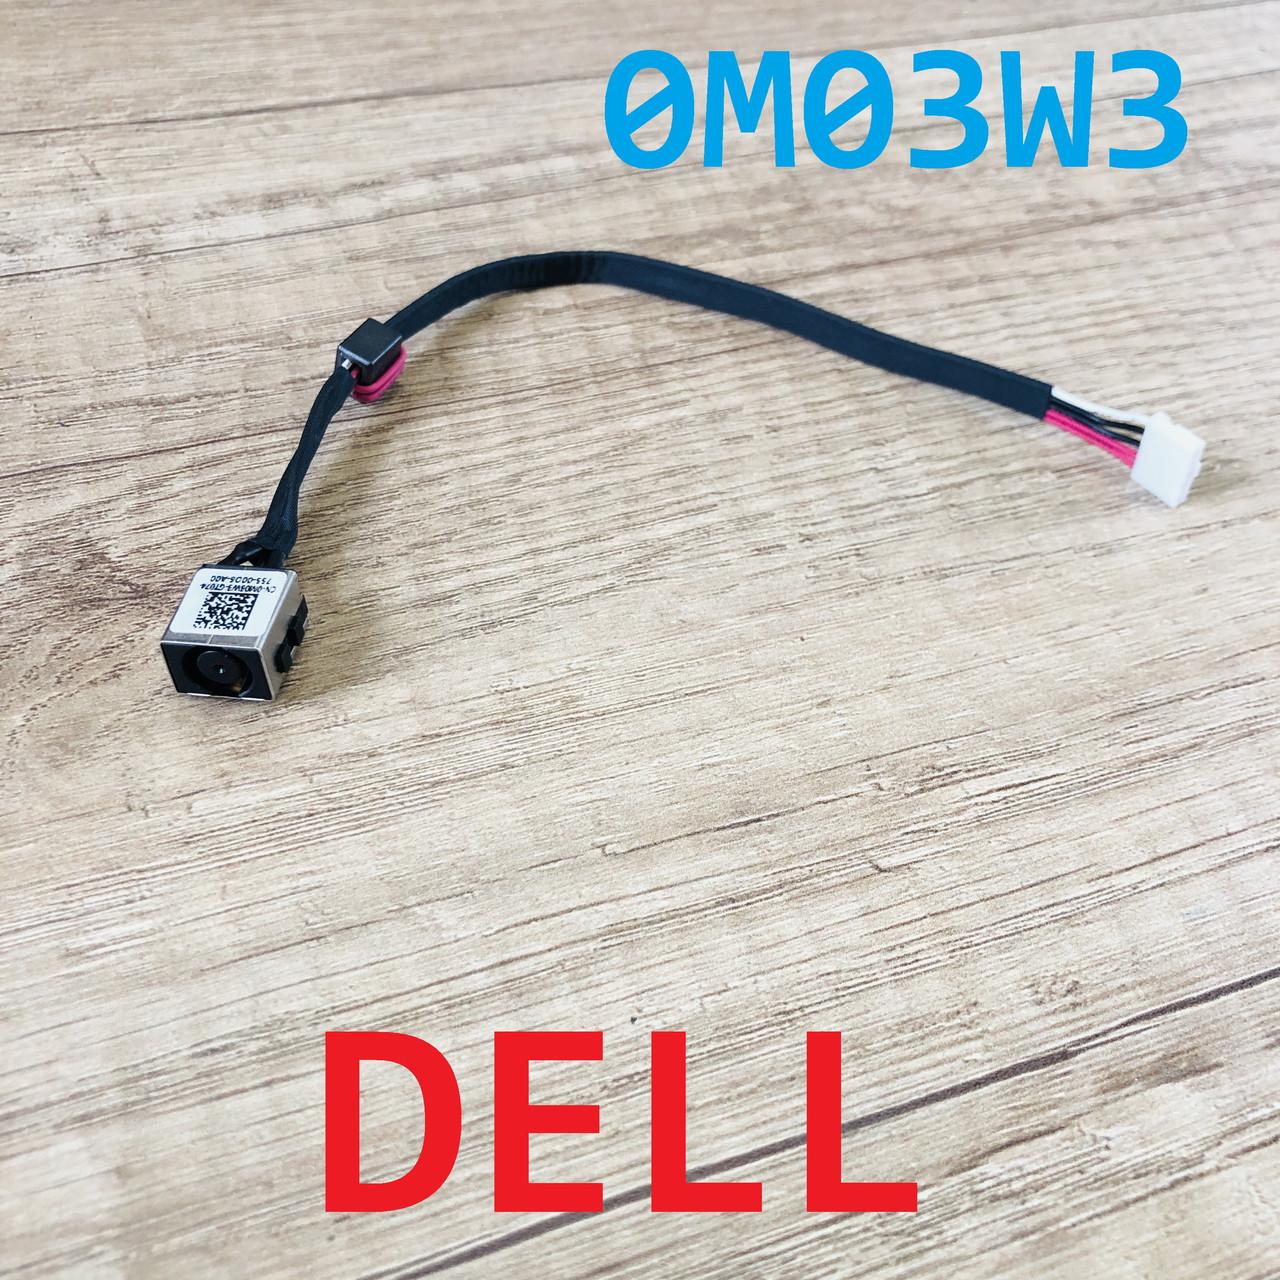 Роз'єм / гніздо живлення DELL 5000 5545 5547 5548 з кабелем 0M03W3 18.5 см